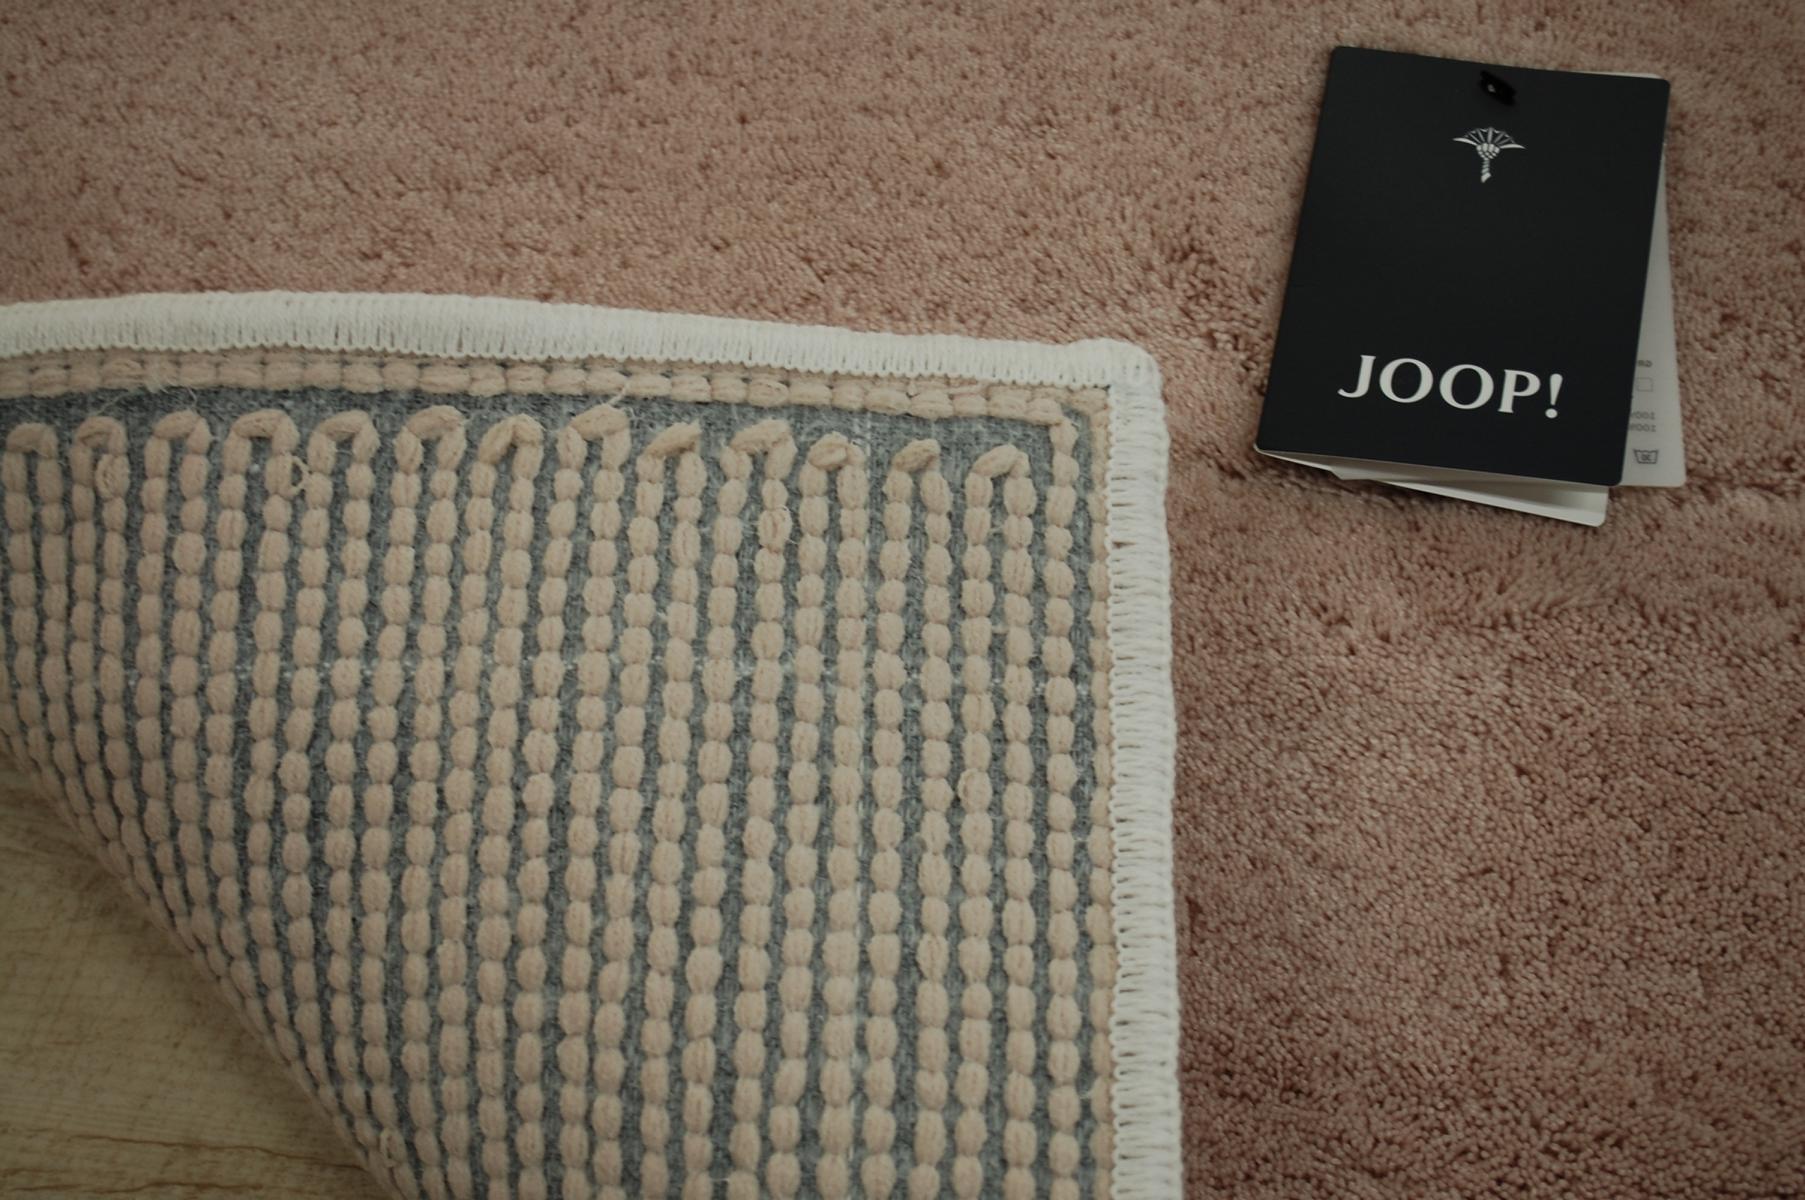 Joop Badematte  JOOP Badematte Badteppich 281 Classic 20 Natur 70x120 cm